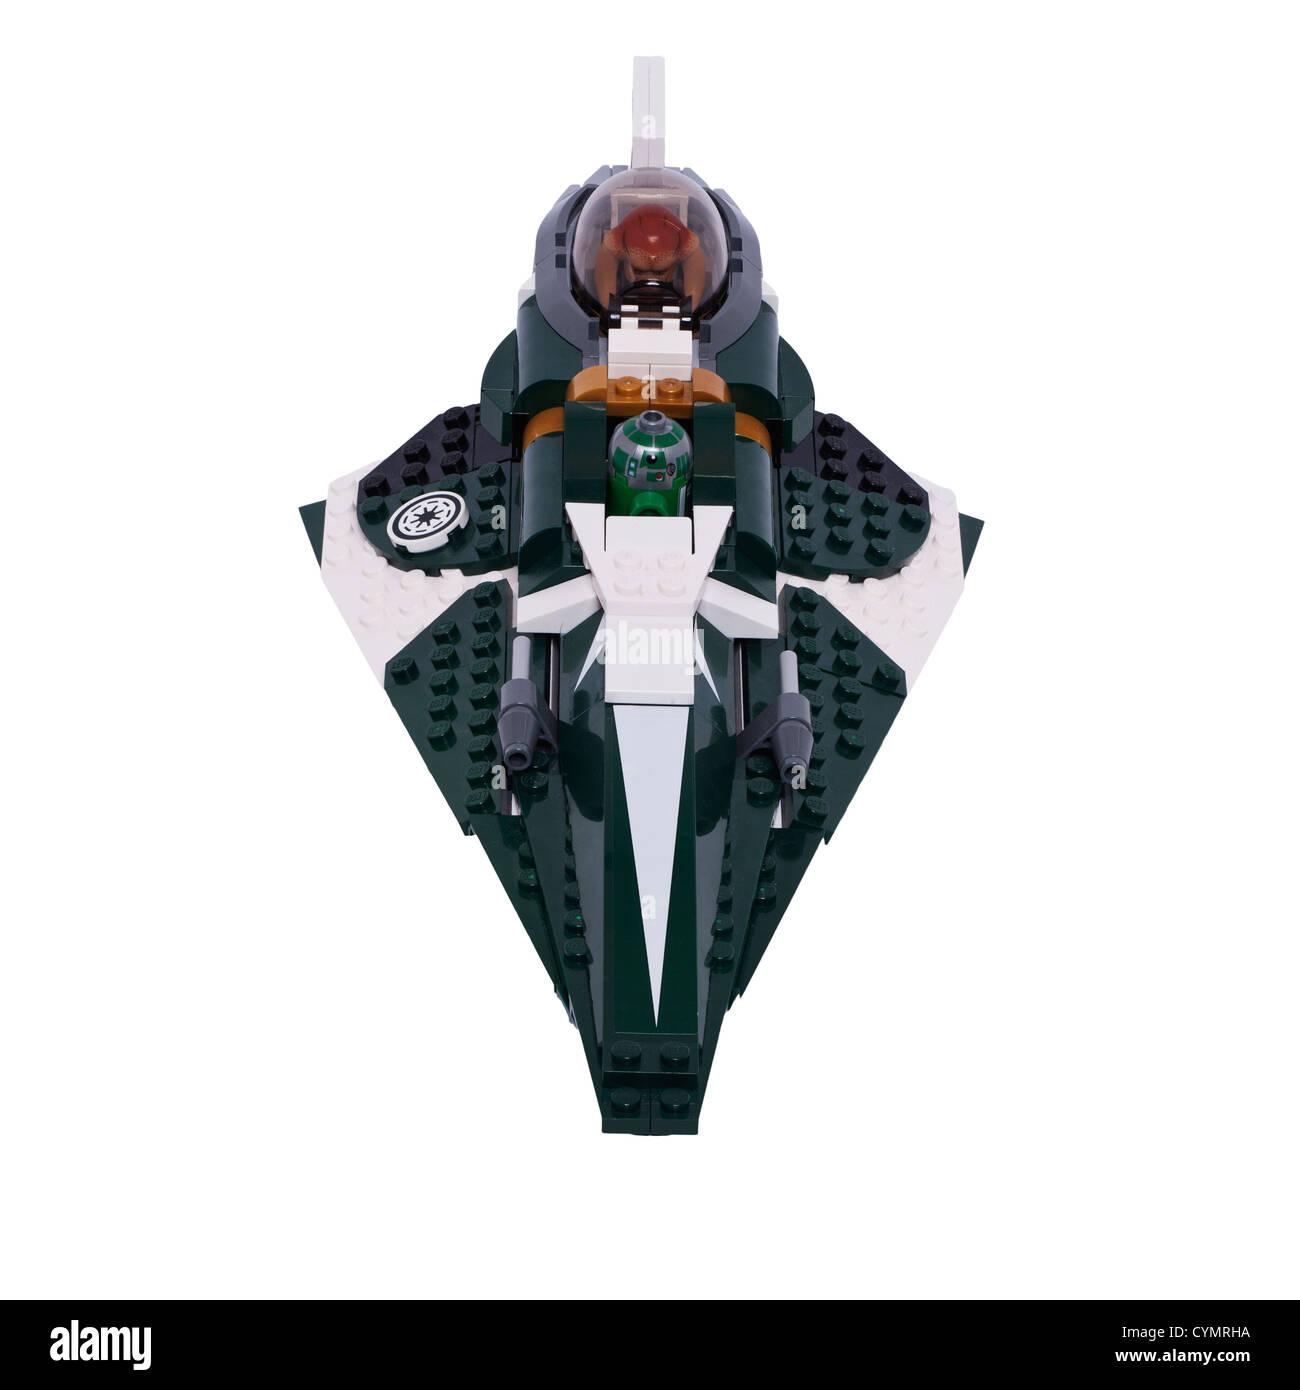 Un Lego Star Wars jouet sur un fond blanc Photo Stock